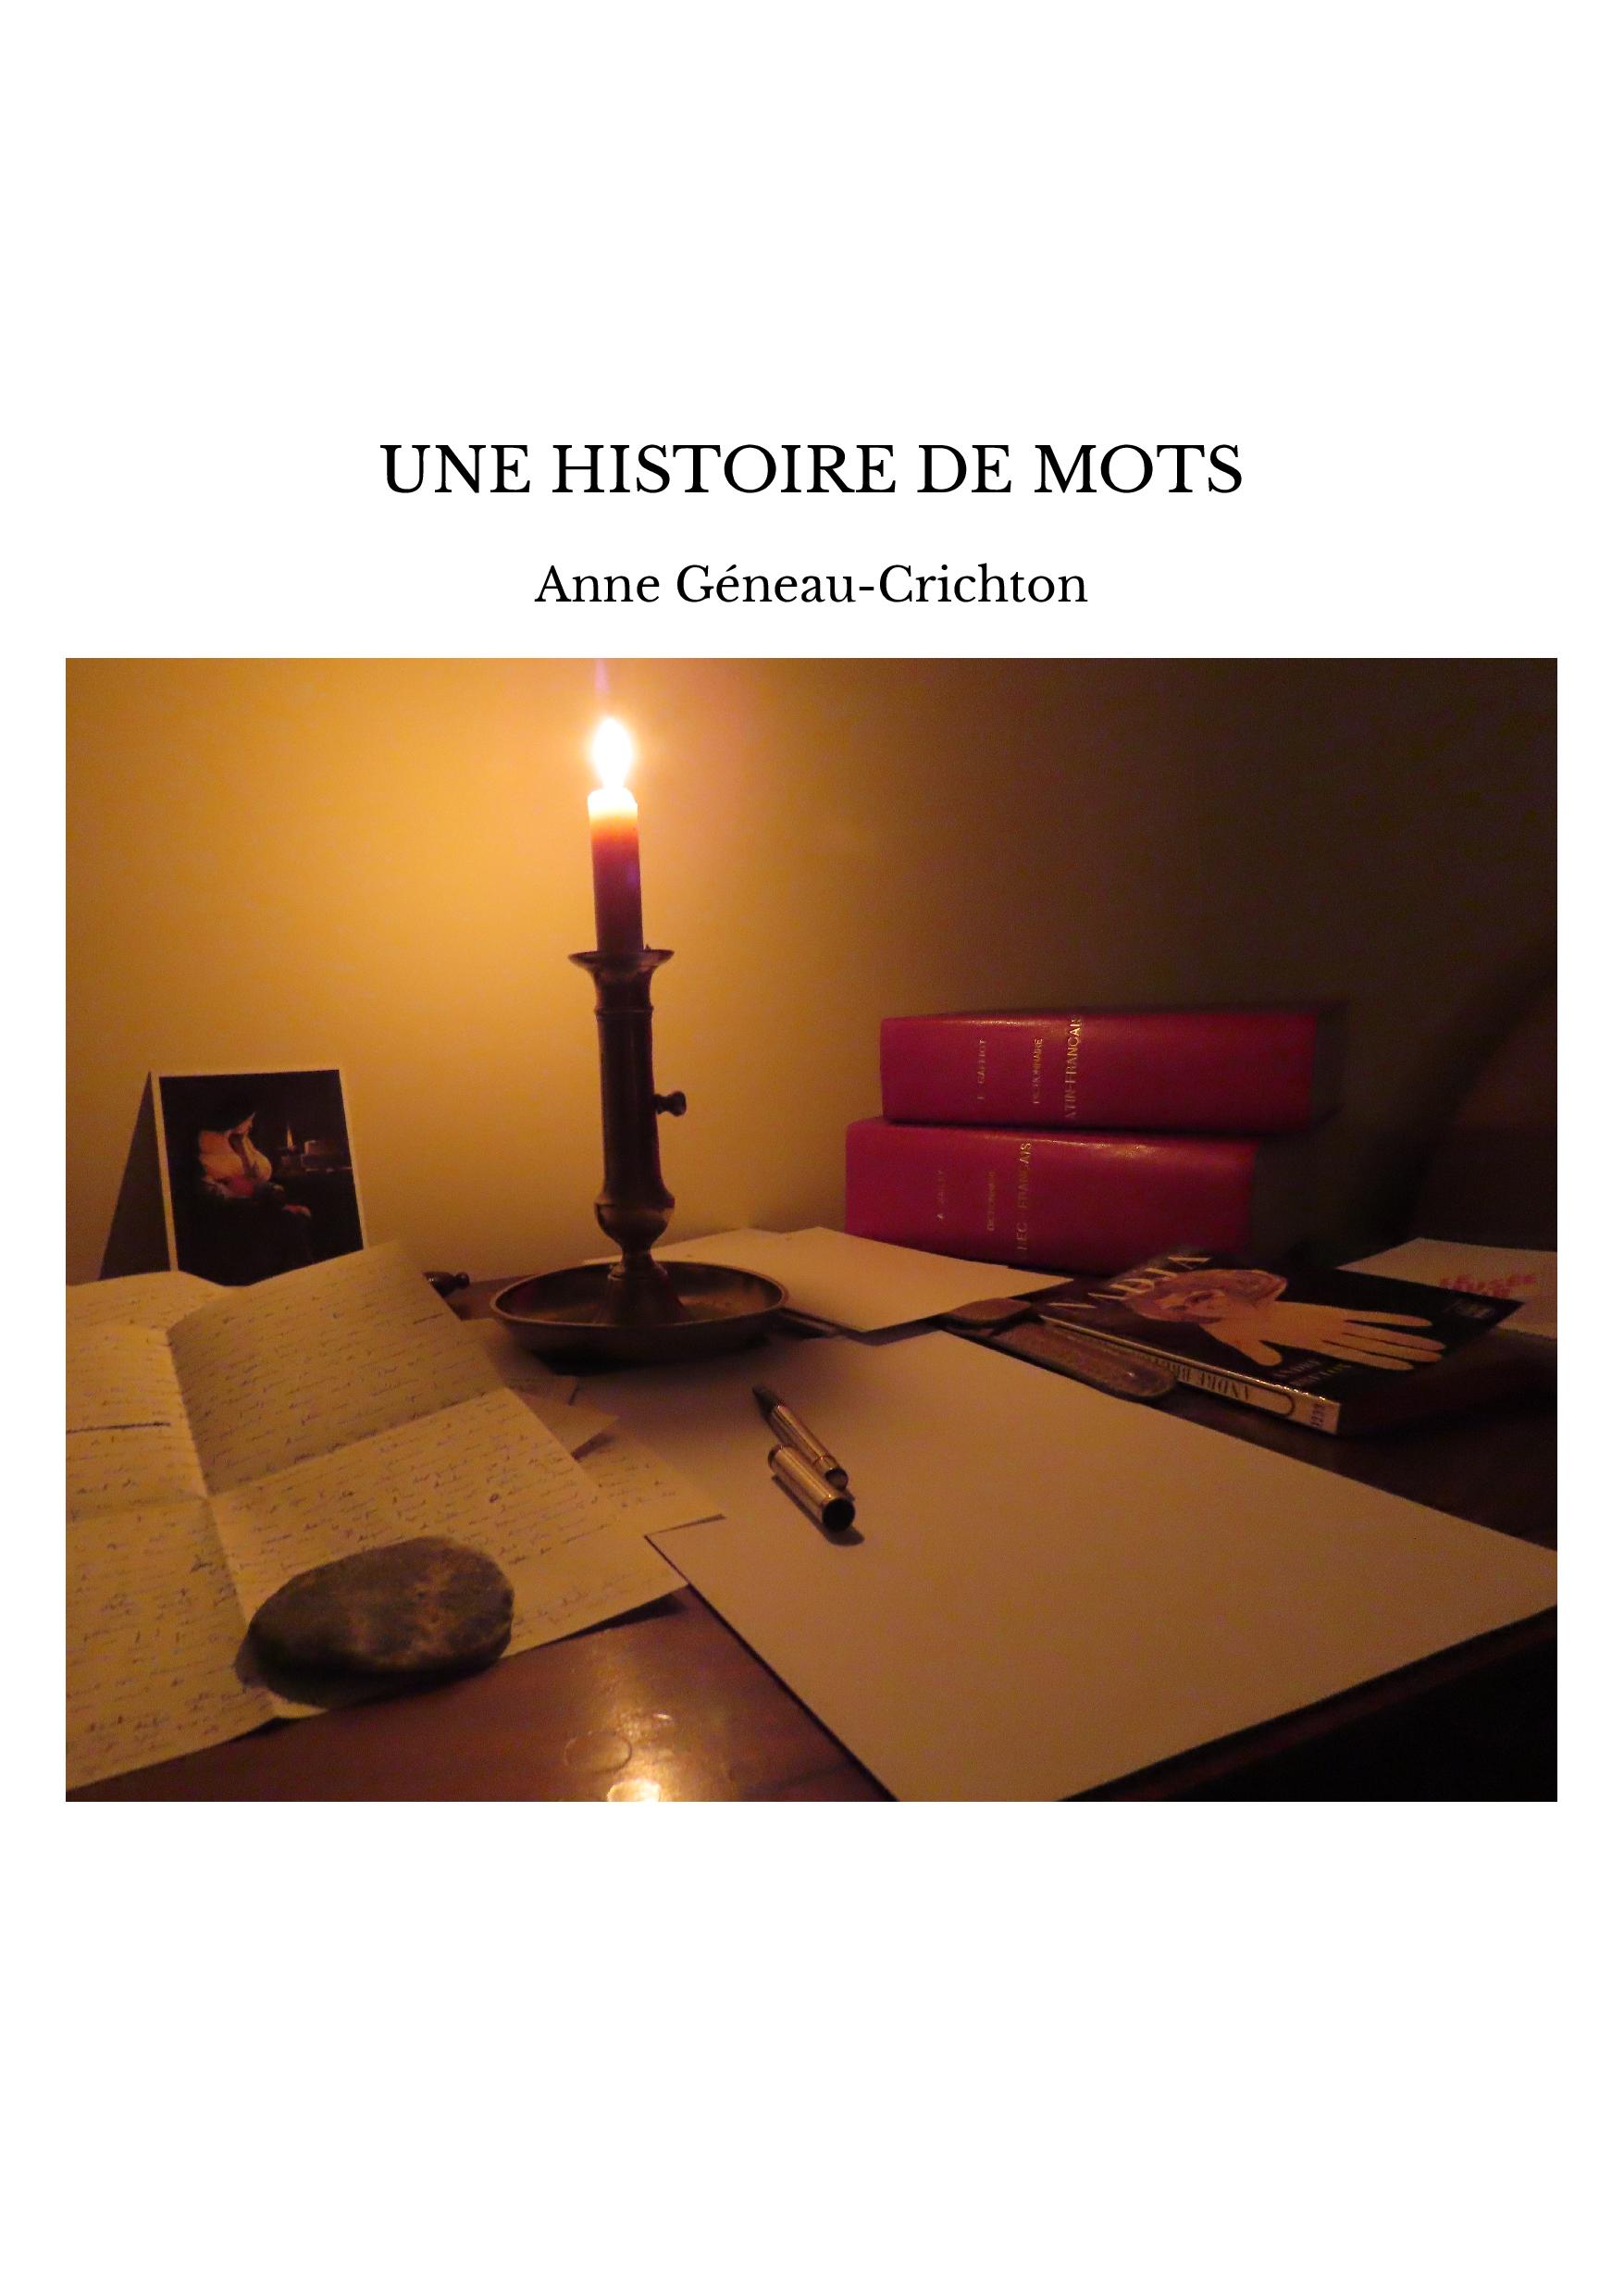 UNE HISTOIRE DE MOTS